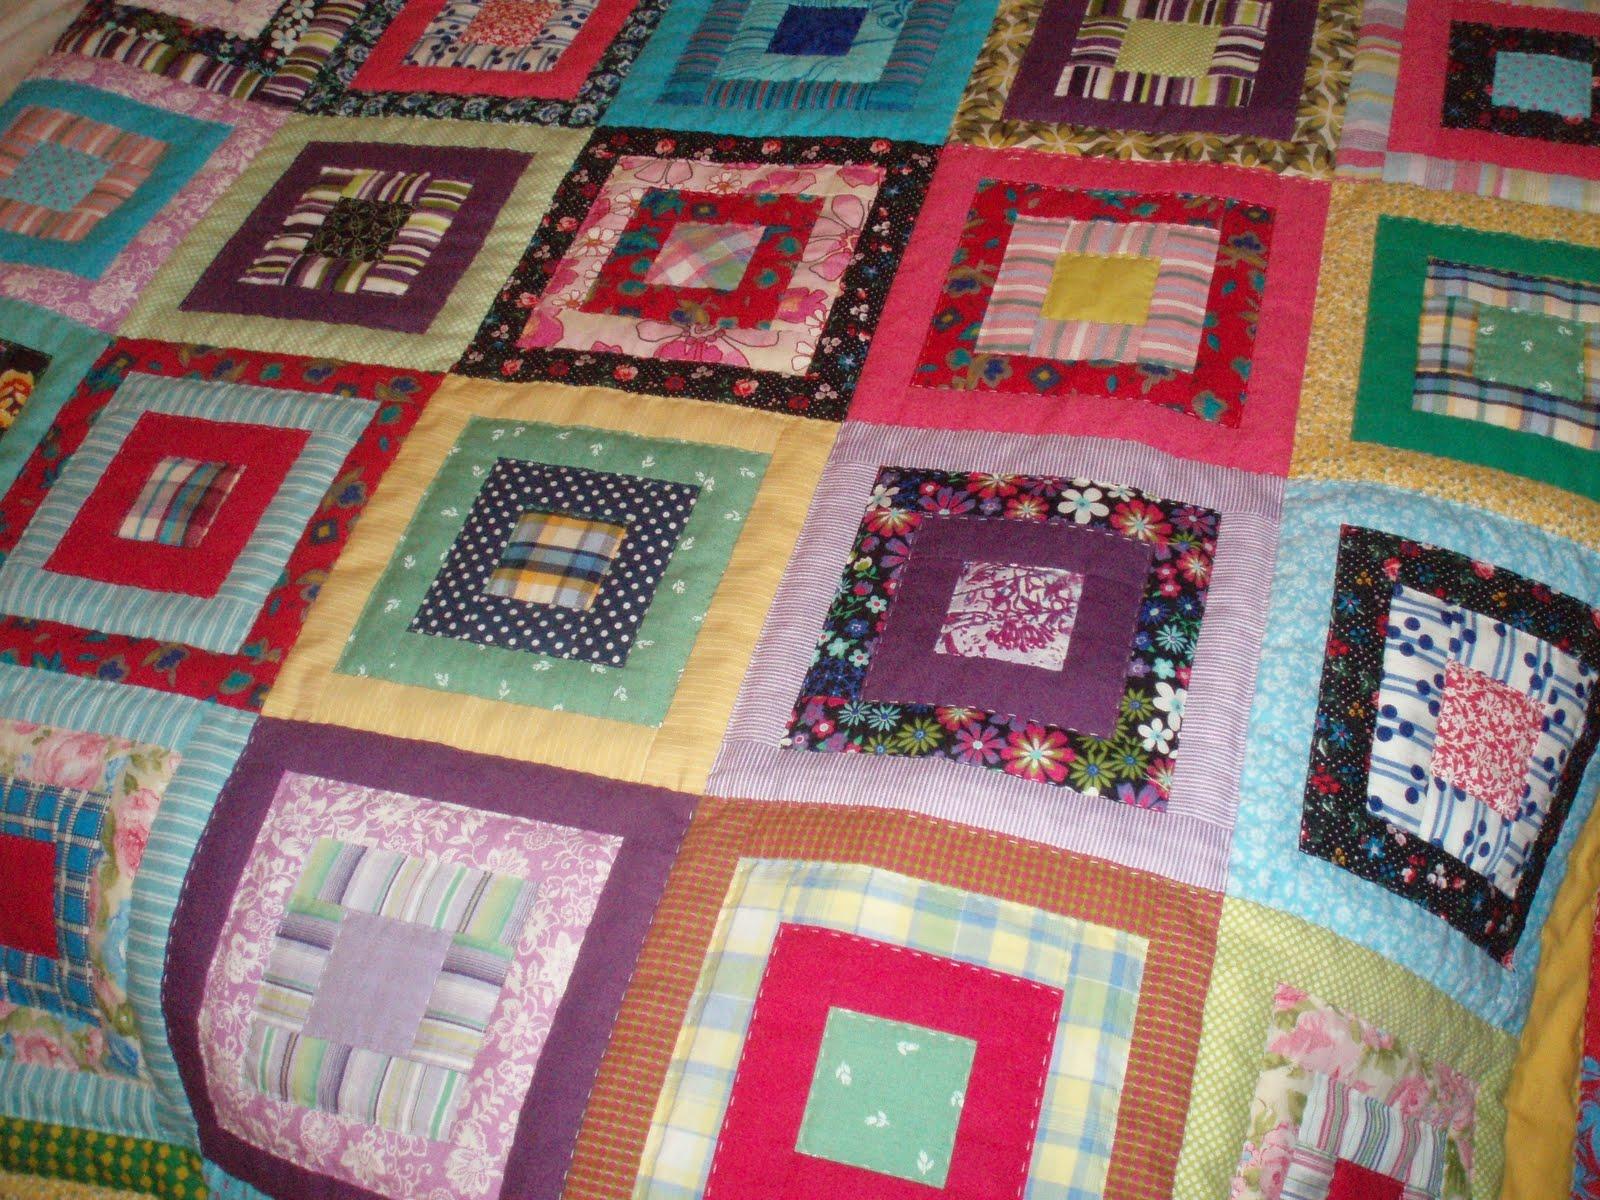 Las chicas de ourense colcha cuadros colores - Cuadros de colores ...